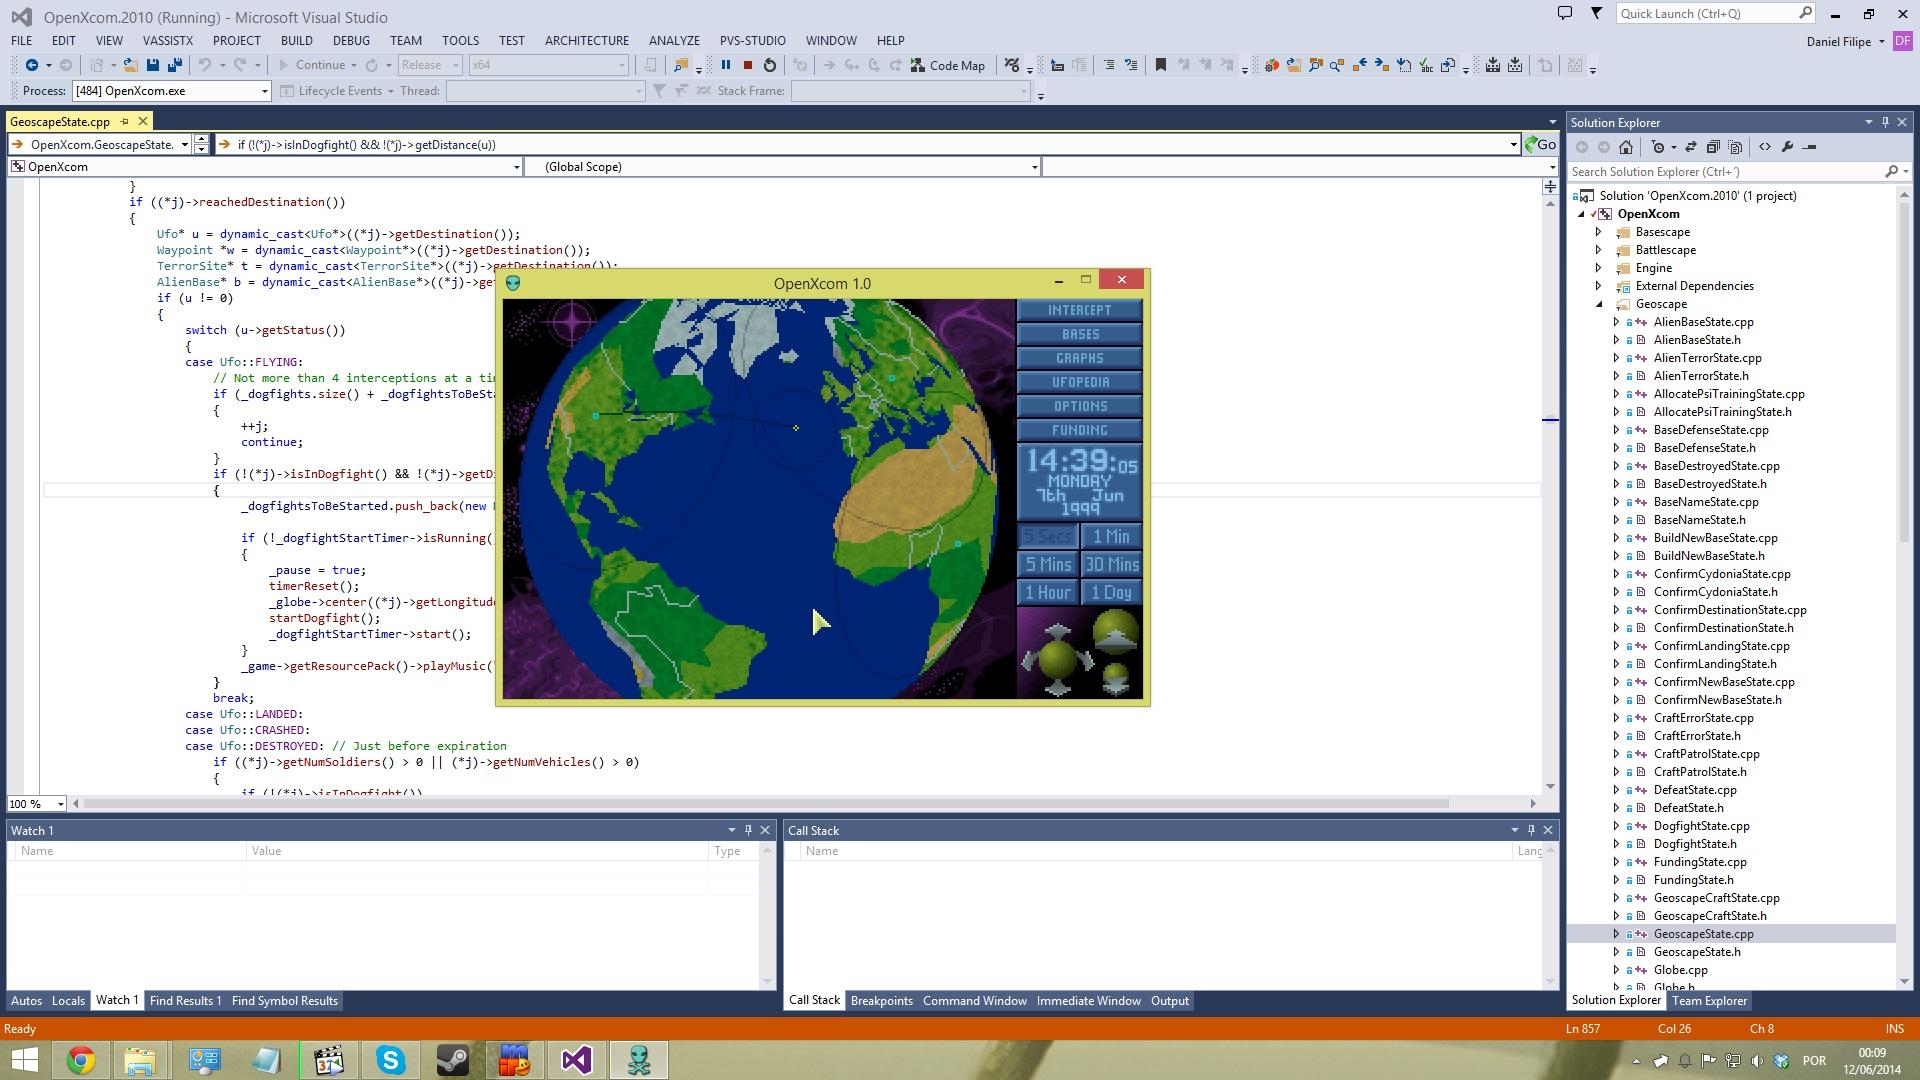 Windows 8.1 x64